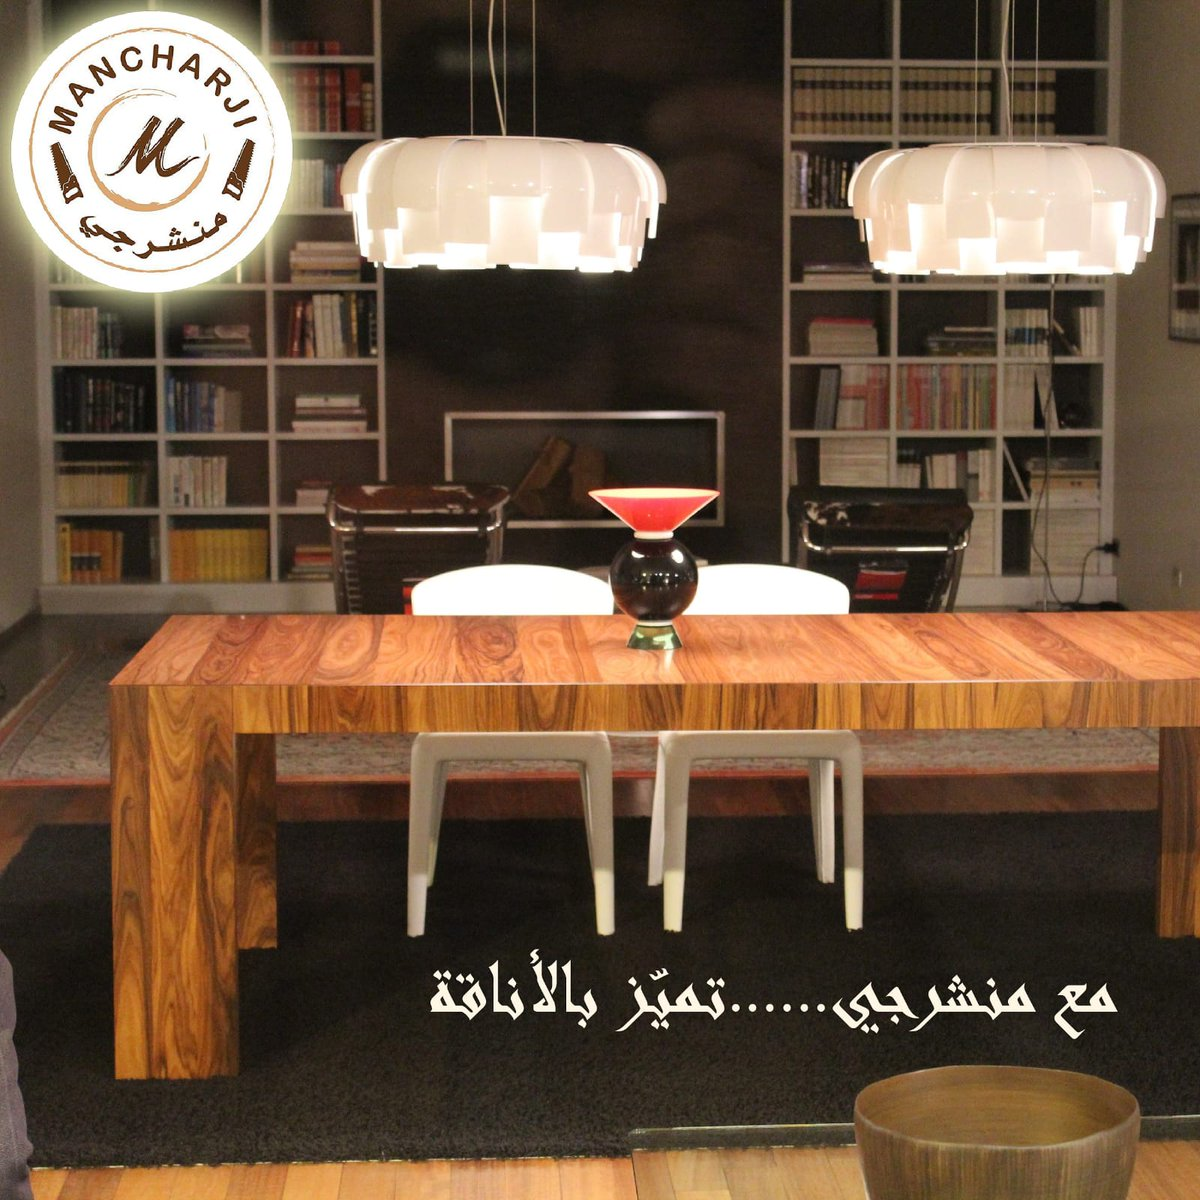 """مصنع منشرجي للنجاره On Twitter: """"أناقة غرفتك هدفنا #خشب"""